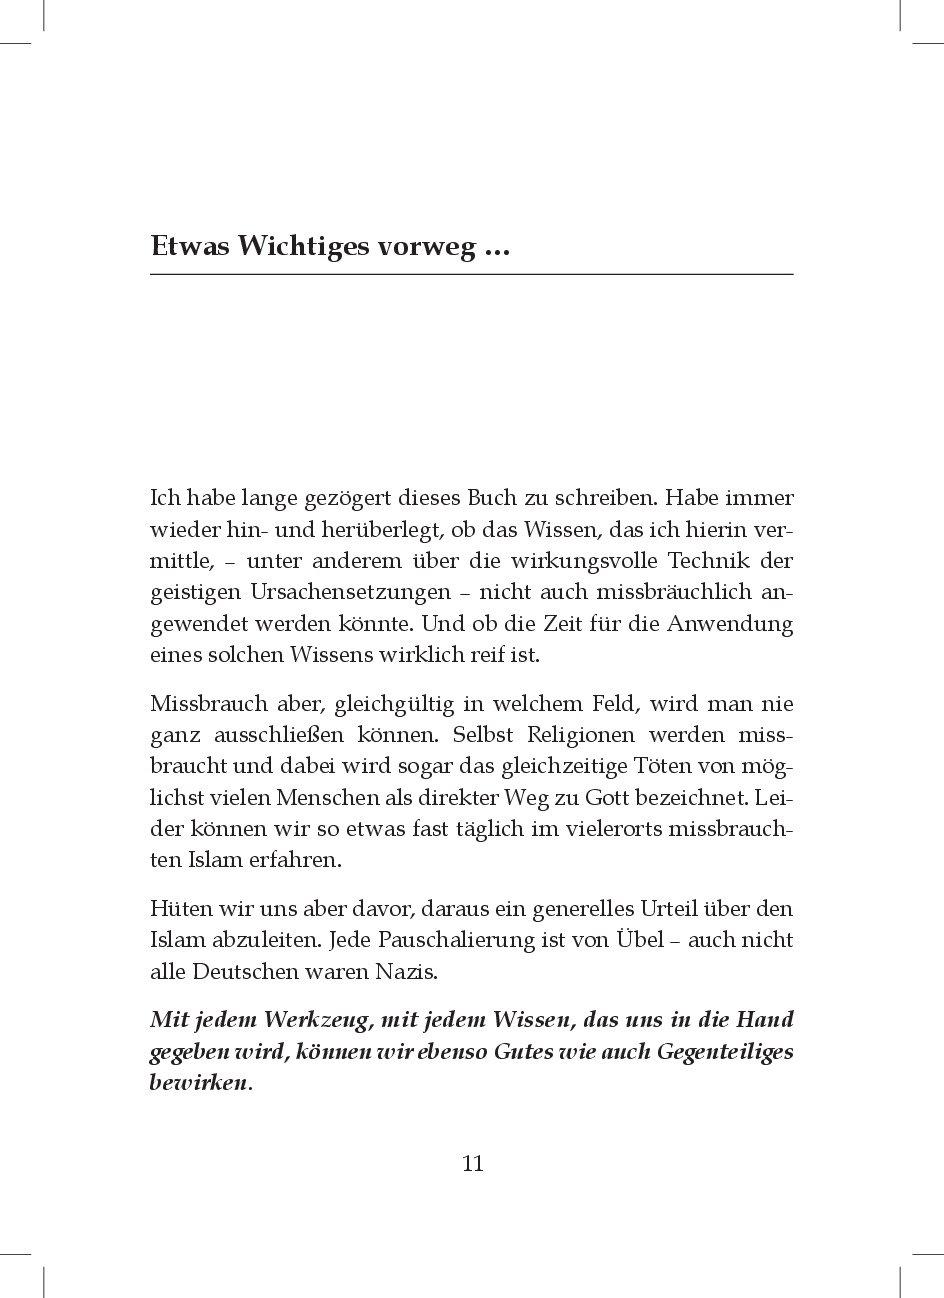 Charmant Nimmt Das Schreiben Von Diensten Wieder Auf Ideen ...